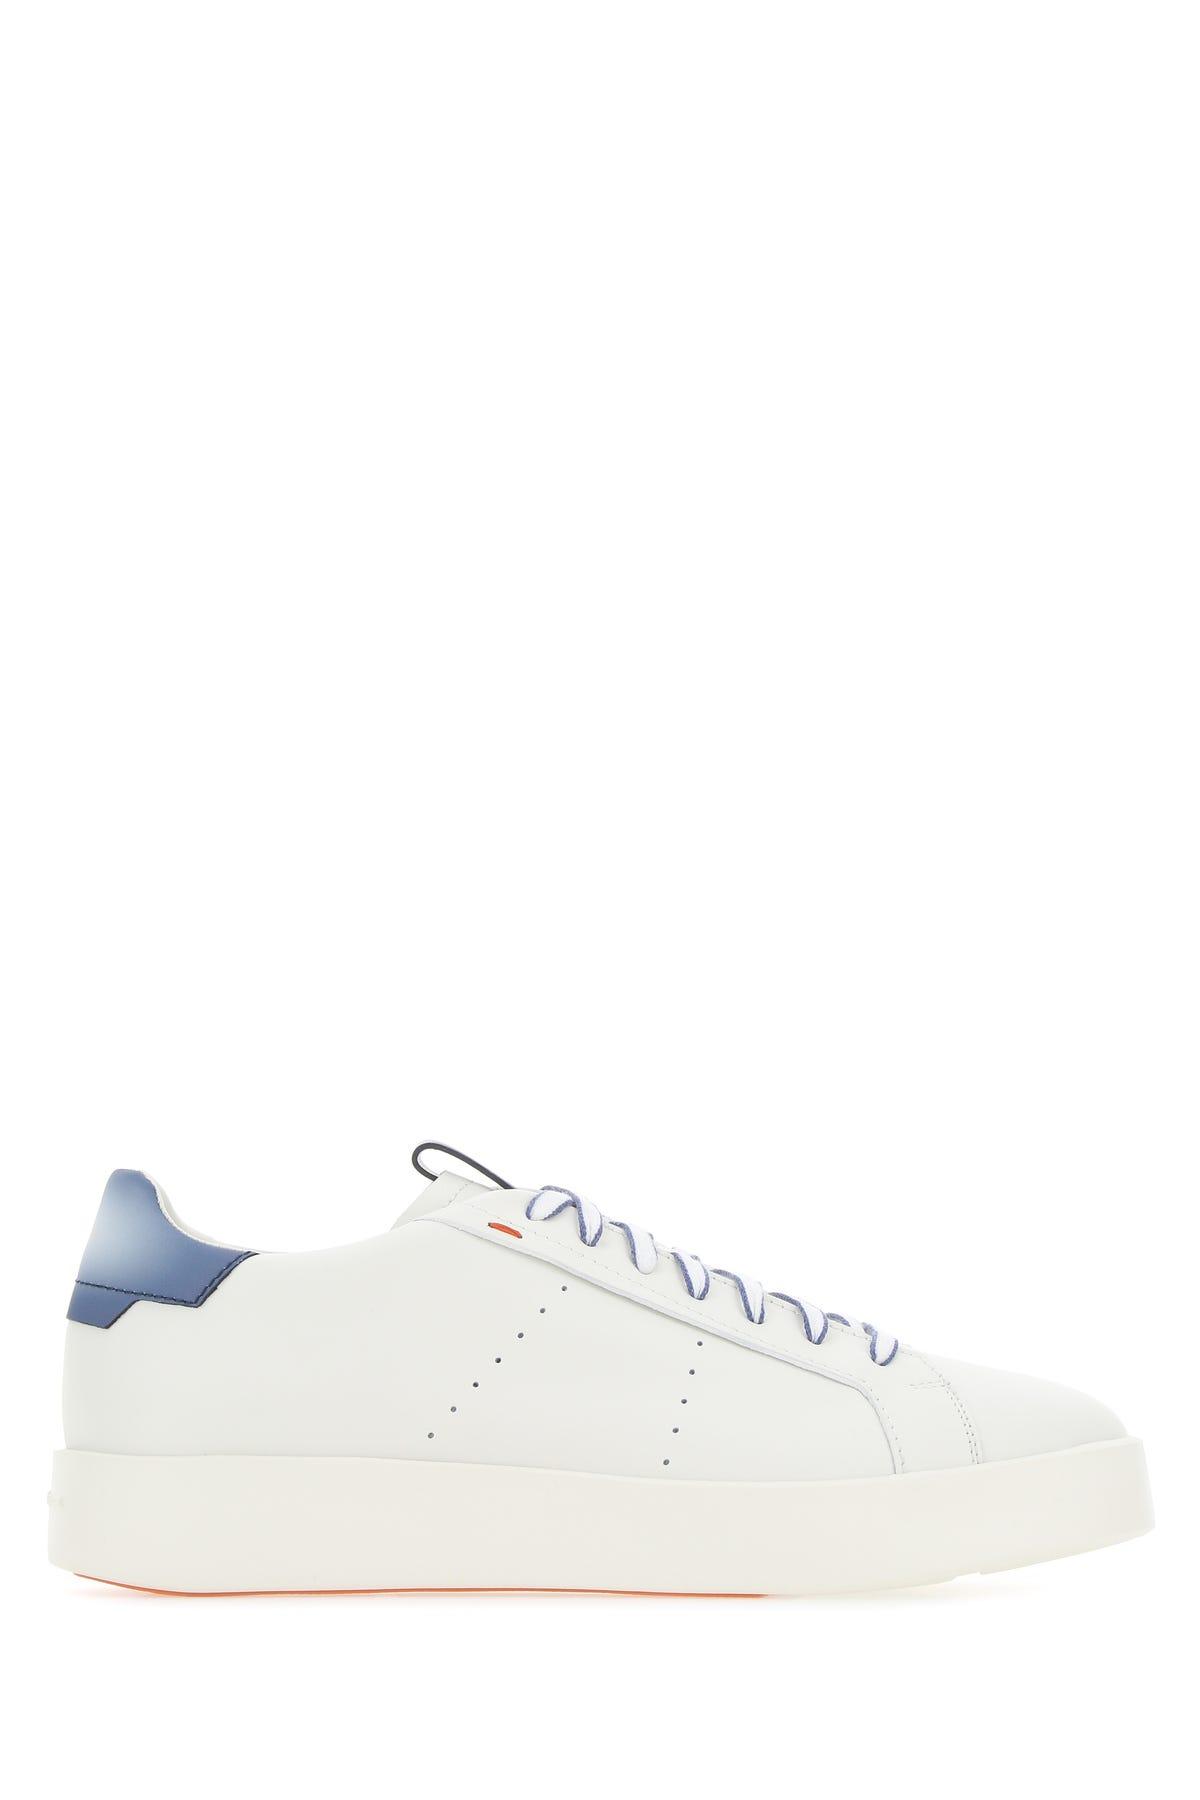 Santoni White Leather Sneakers  White  Uomo 9+